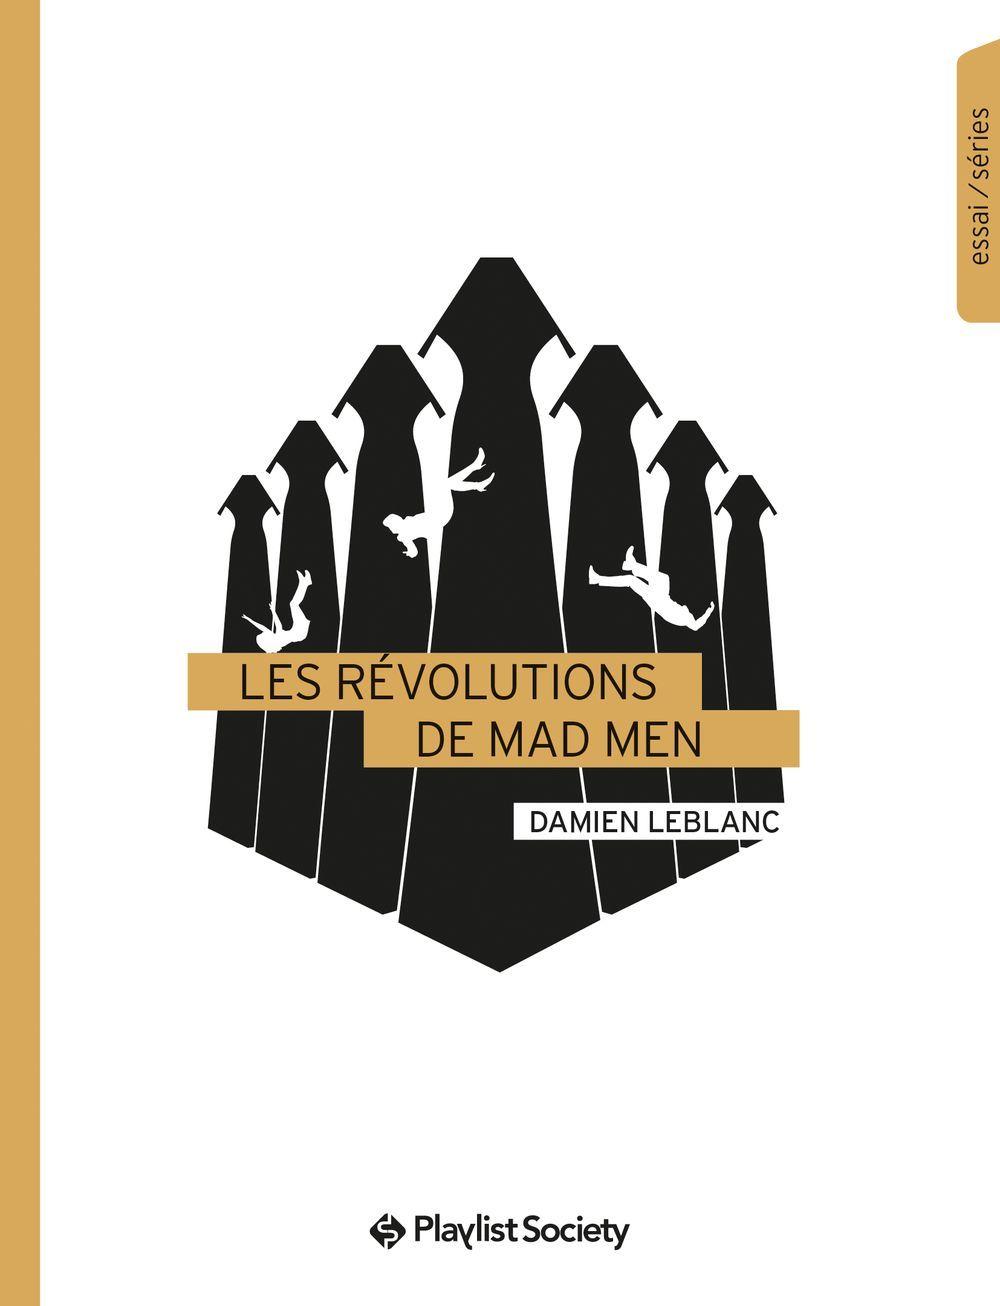 LES REVOLUTIONS DE MAD MEN